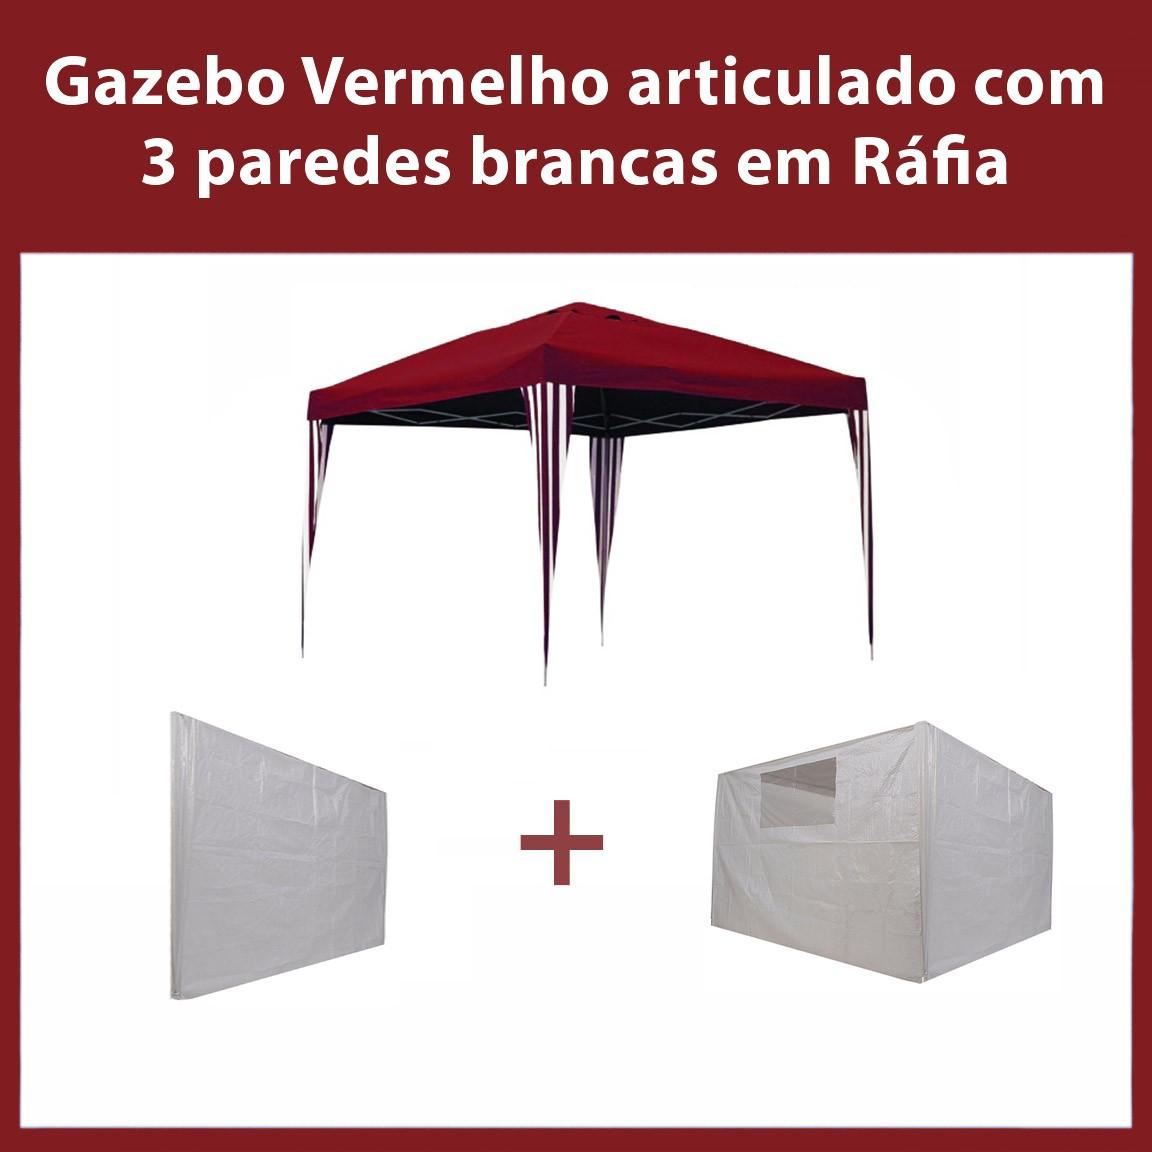 Gazebo 3x3 Articulado Vermelho em Aço + 3 Paredes Brancas de Ráfia Eleva Mundi